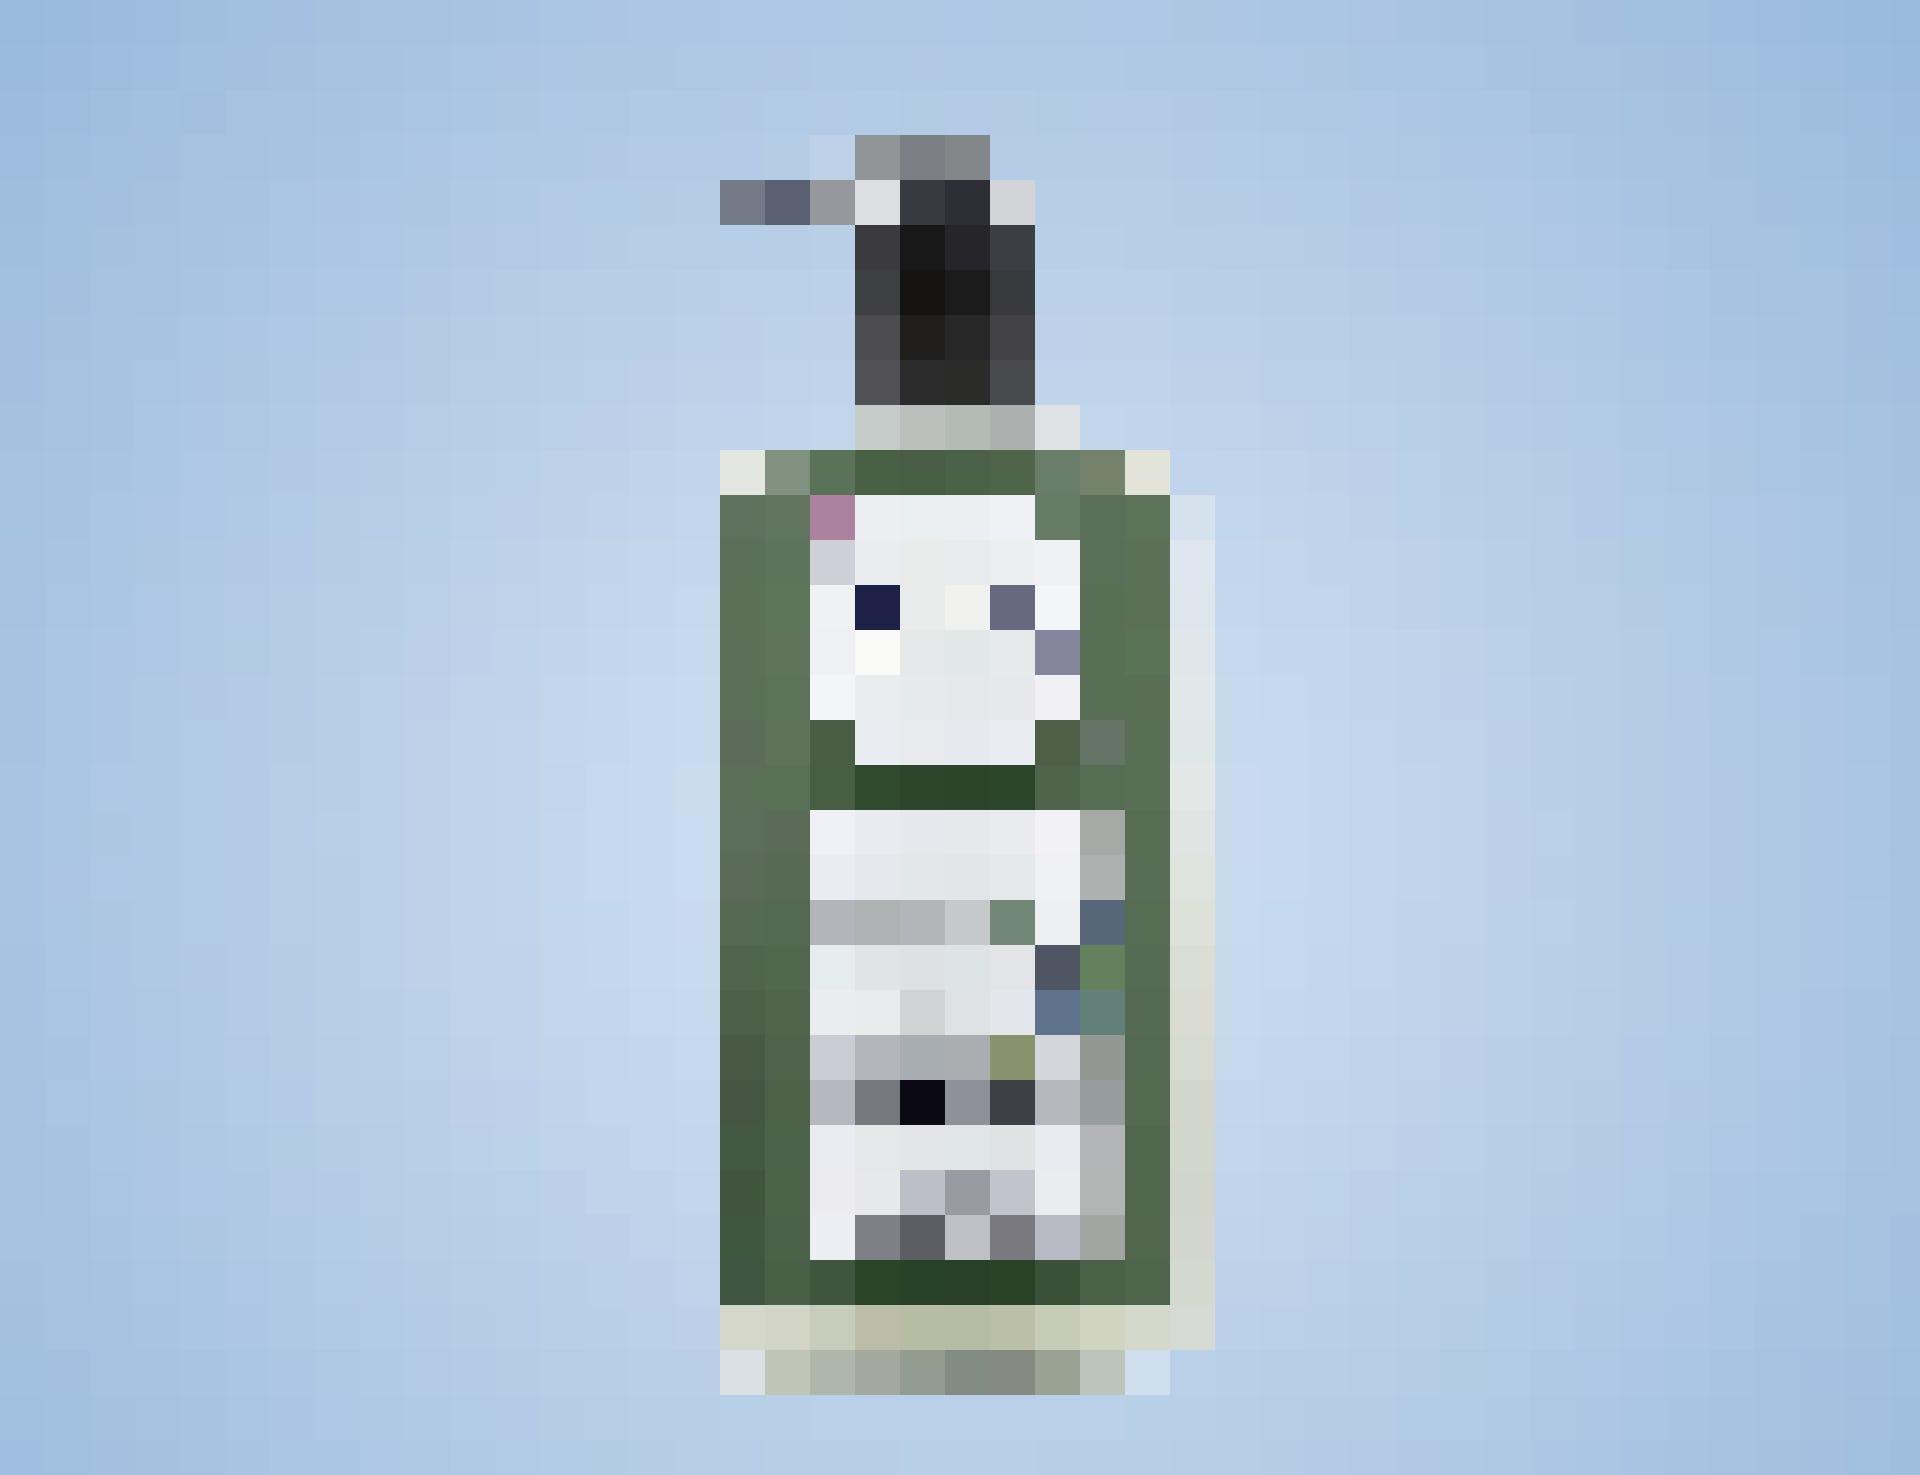 Reinigungskraft, Bioré Daily Detox Waschgel mit Bio-Cannabis-Sativa-Samenöl,  Franken 8.95,